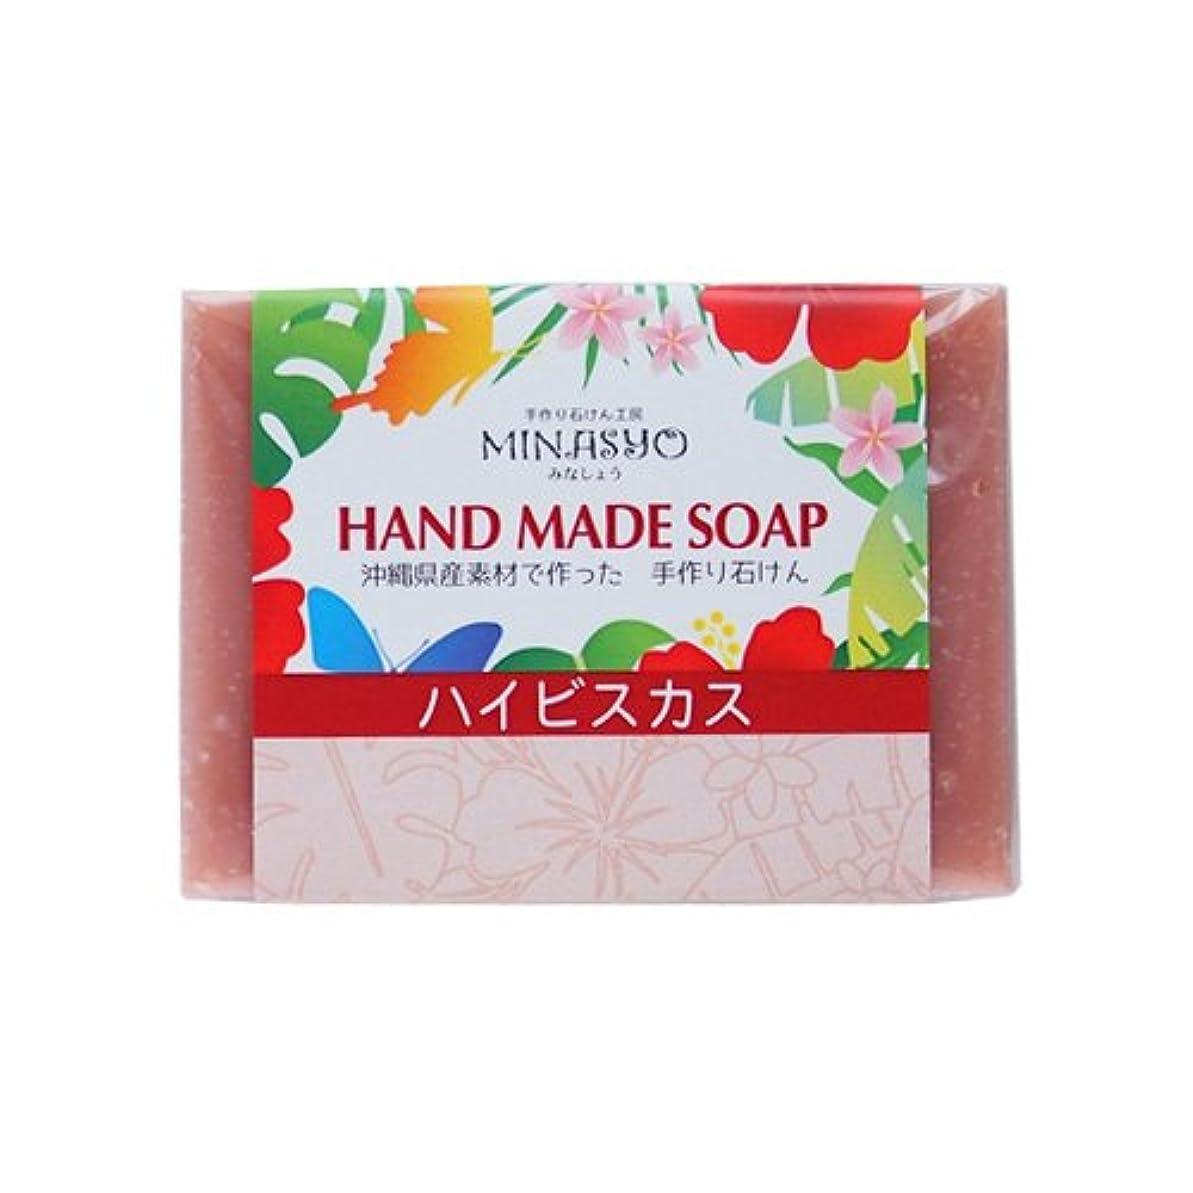 存在するステレオタイプ革新ピンククレイ 洗顔石鹸 無添加 固形 毛穴ケア 手作りローゼル石鹸